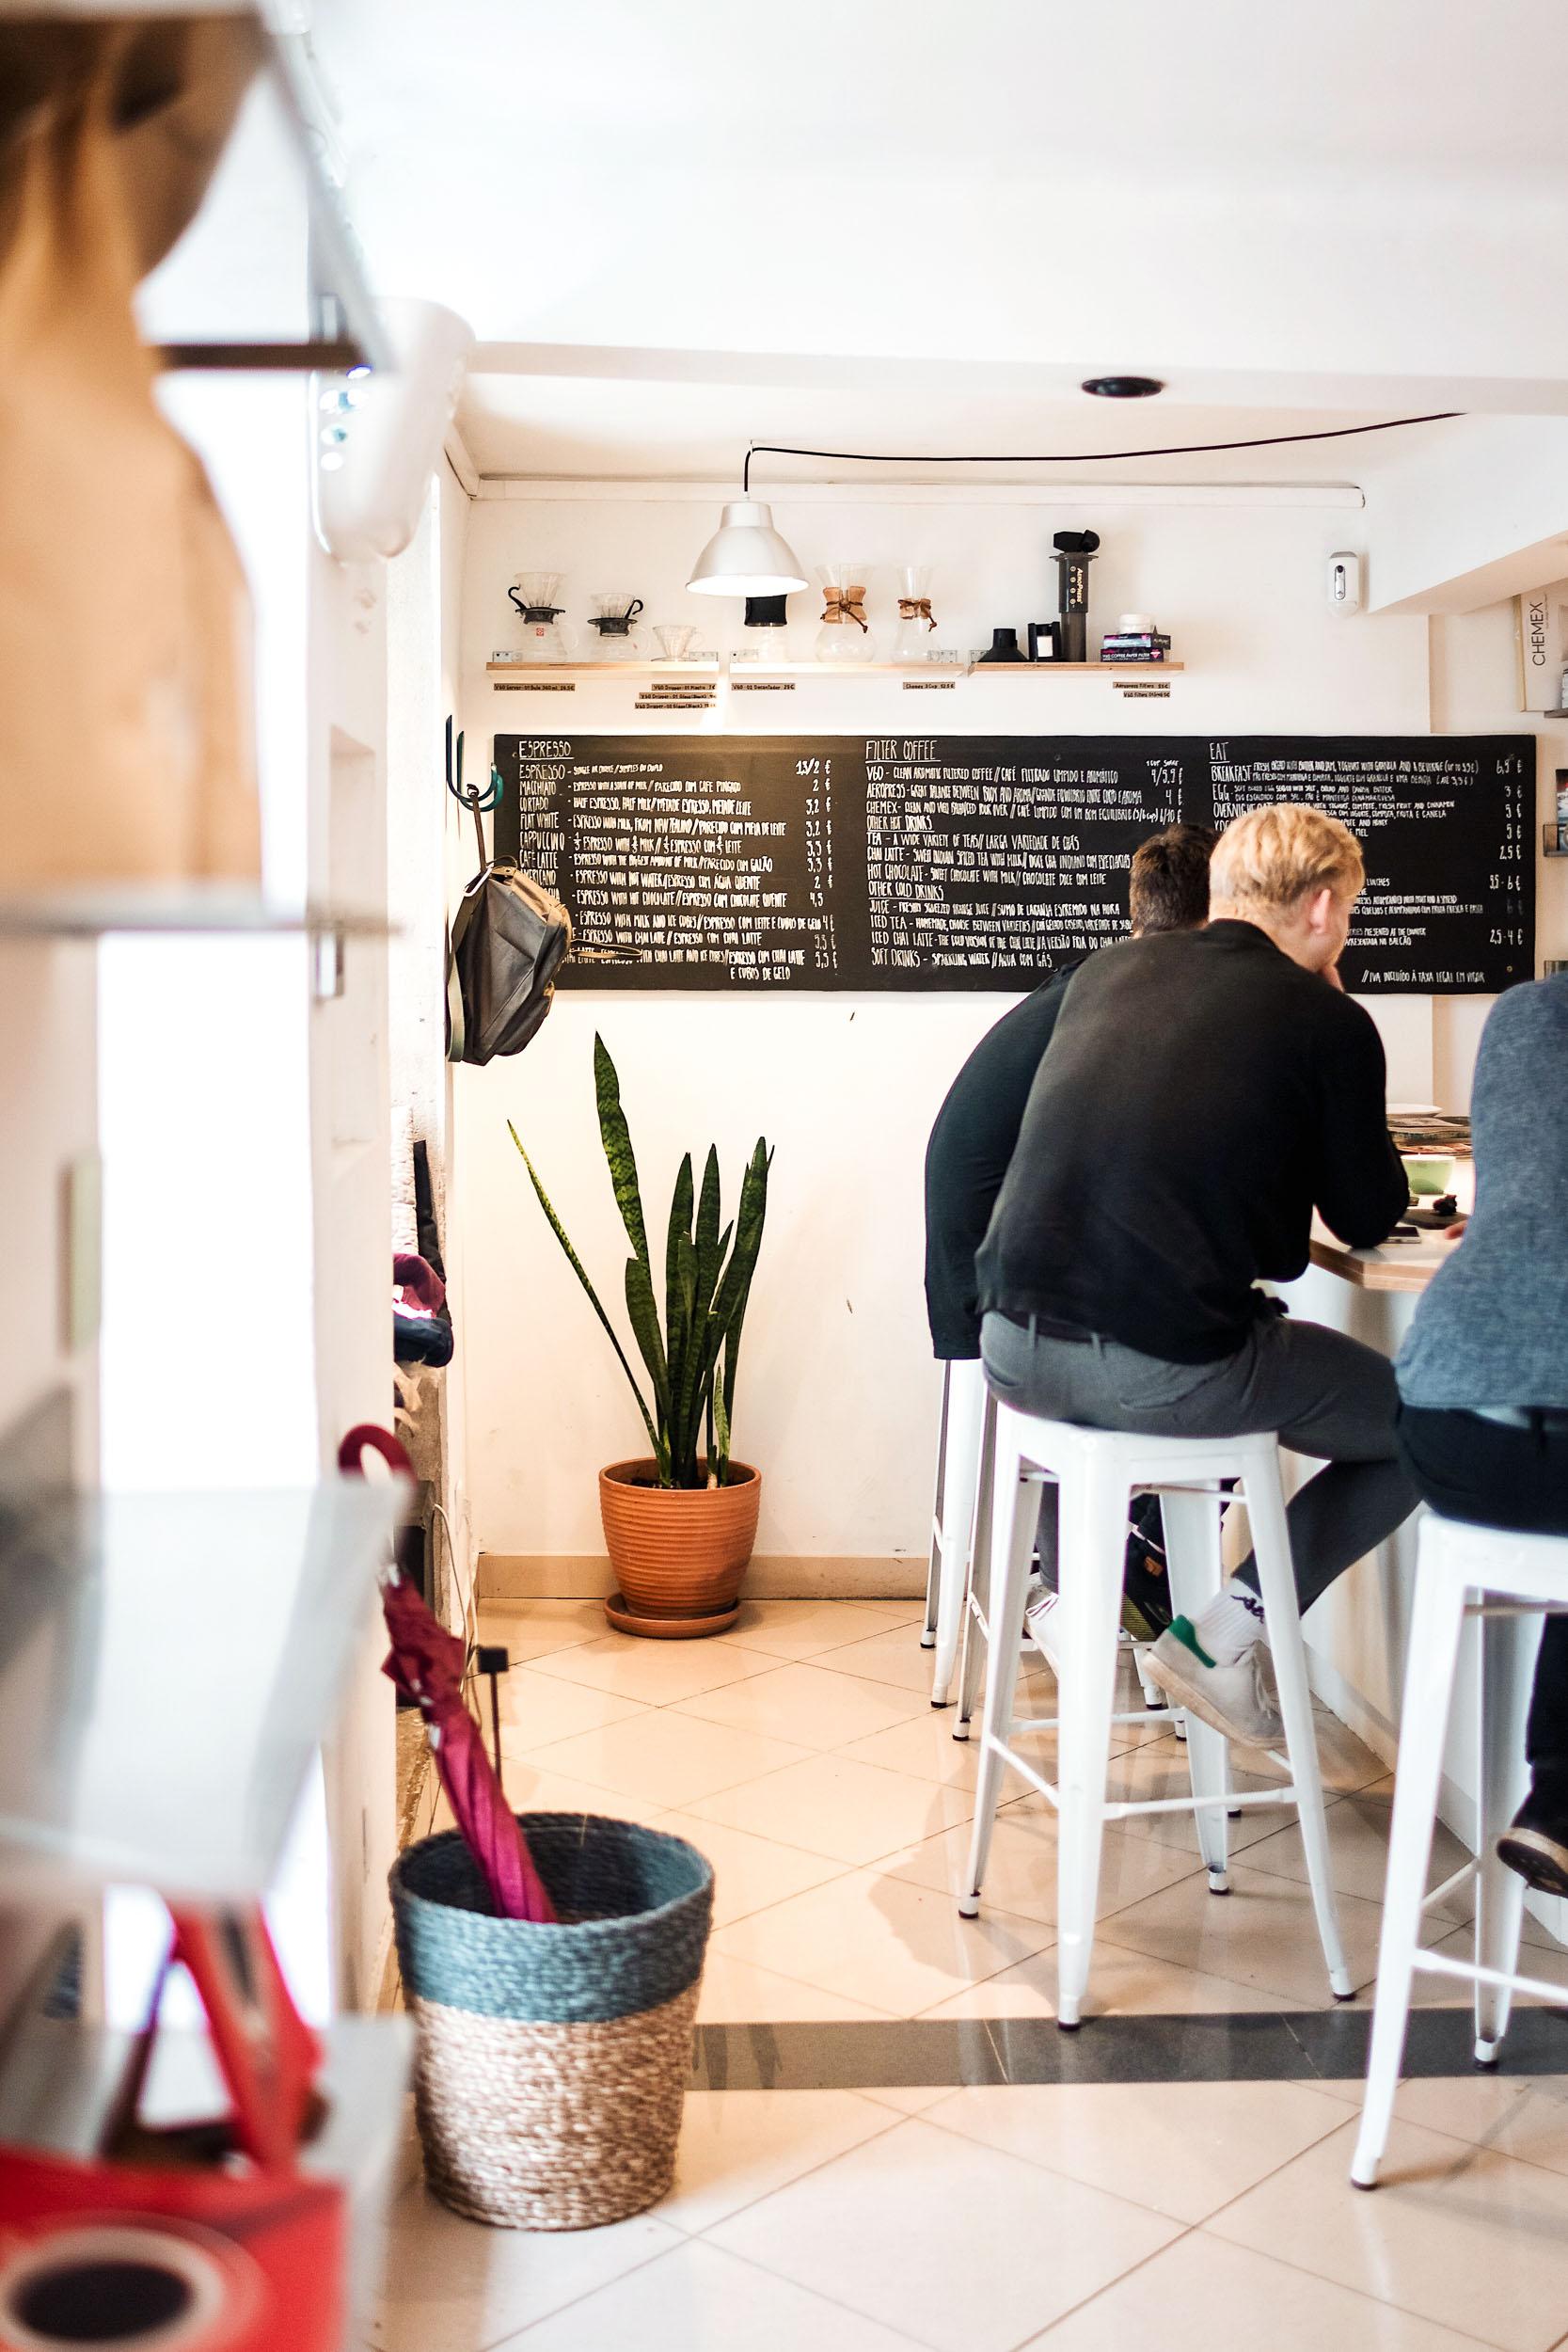 Copenhagen Coffee Lab is a Copenhagen-based coffee shop in Lisbon, Portugal